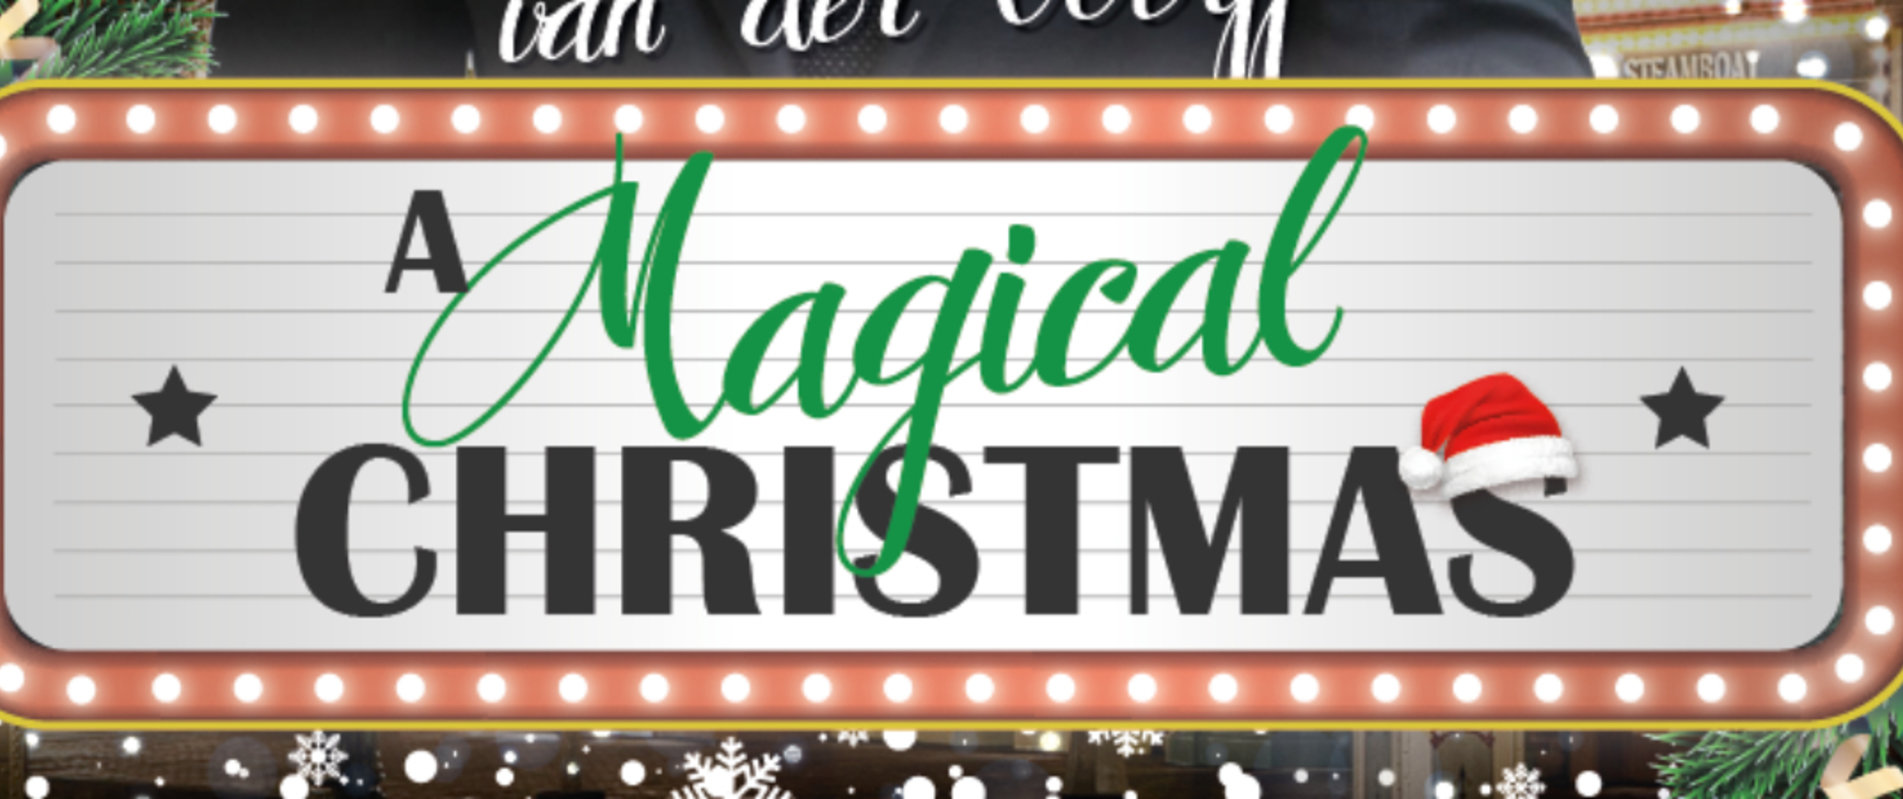 Muziekvereniging Excelsior - A Magical Christmas